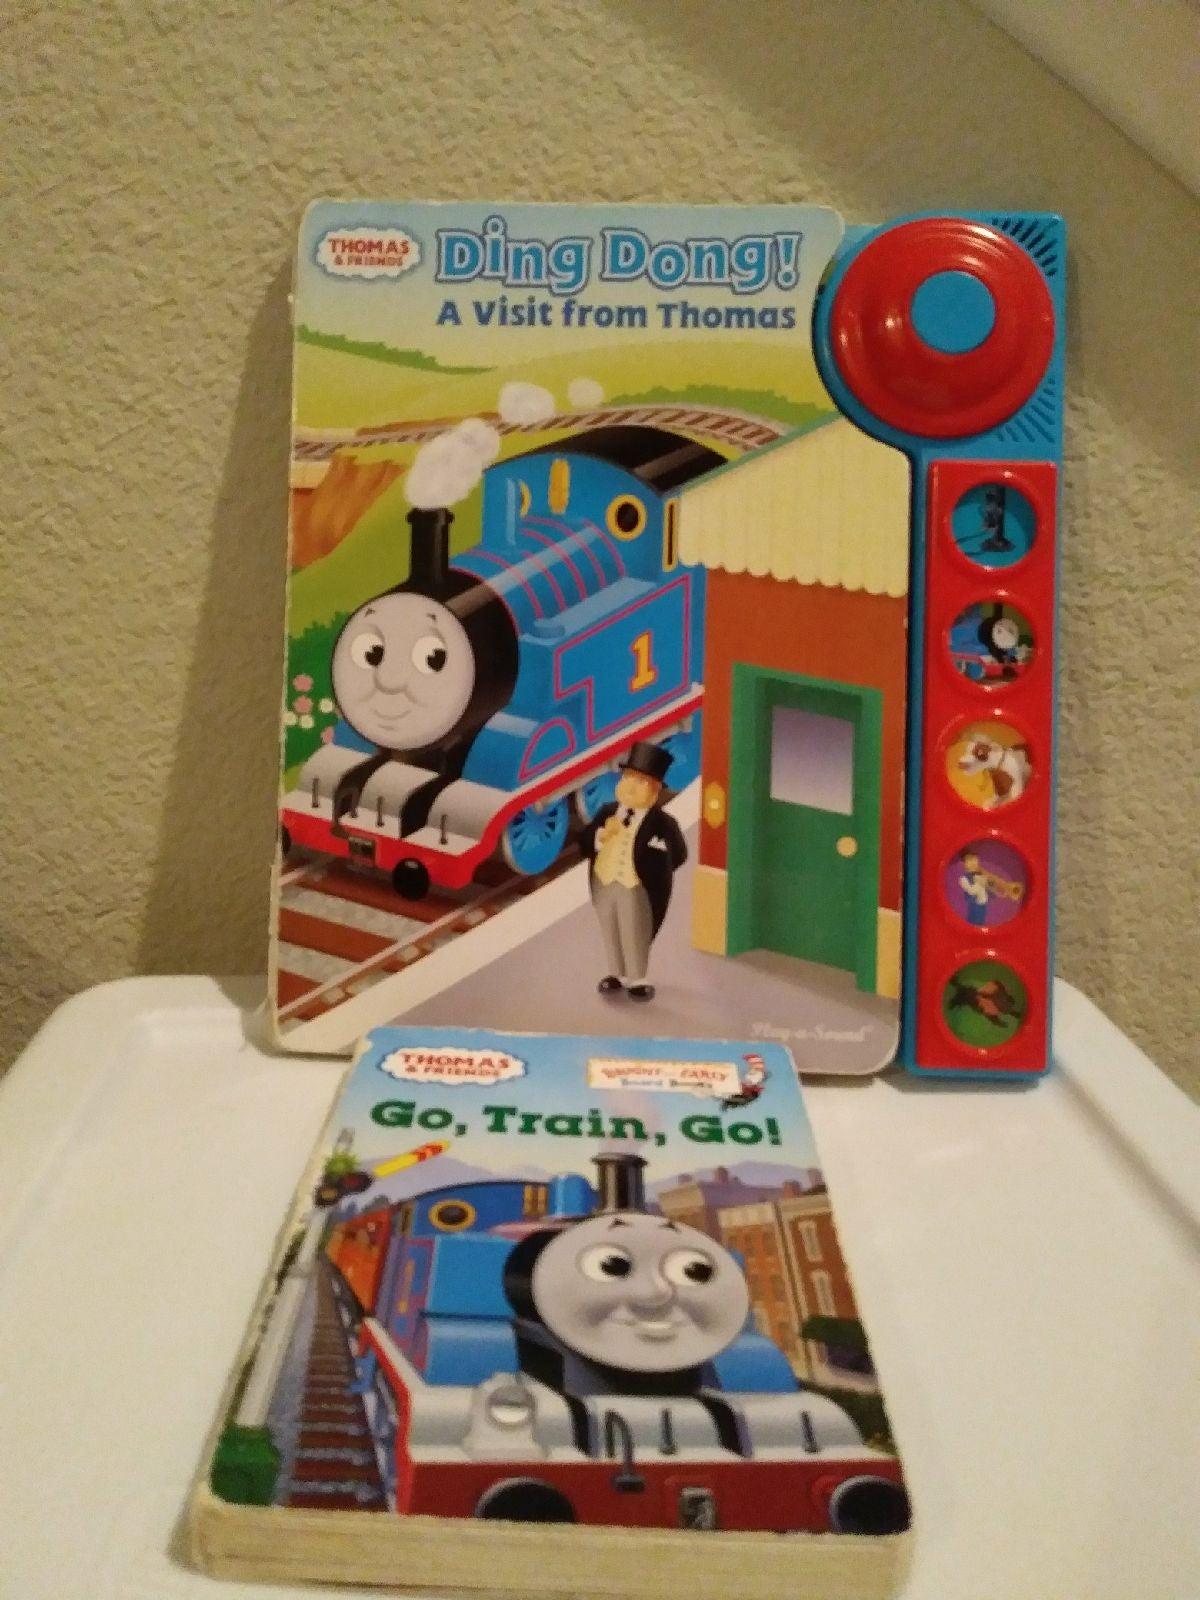 Thomas & Friends board books